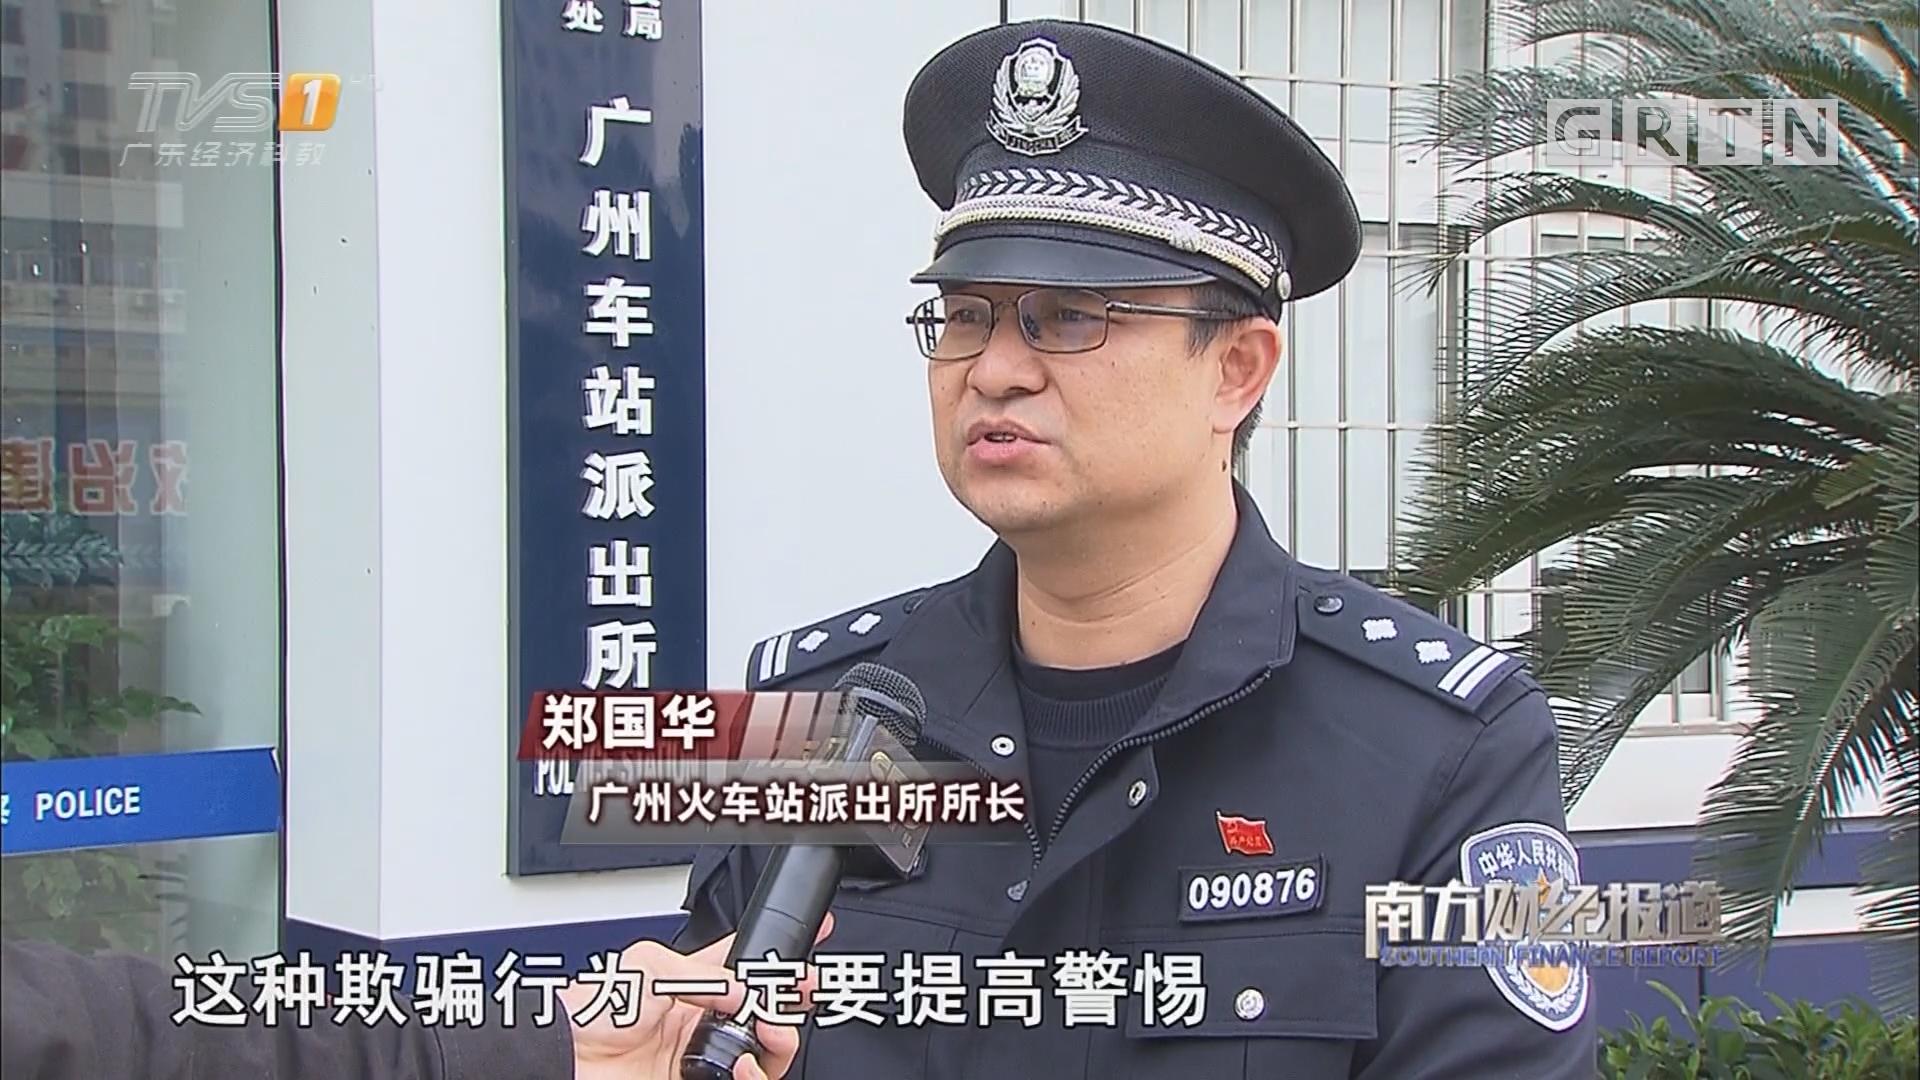 警方提醒:春运提防代买火车票骗局